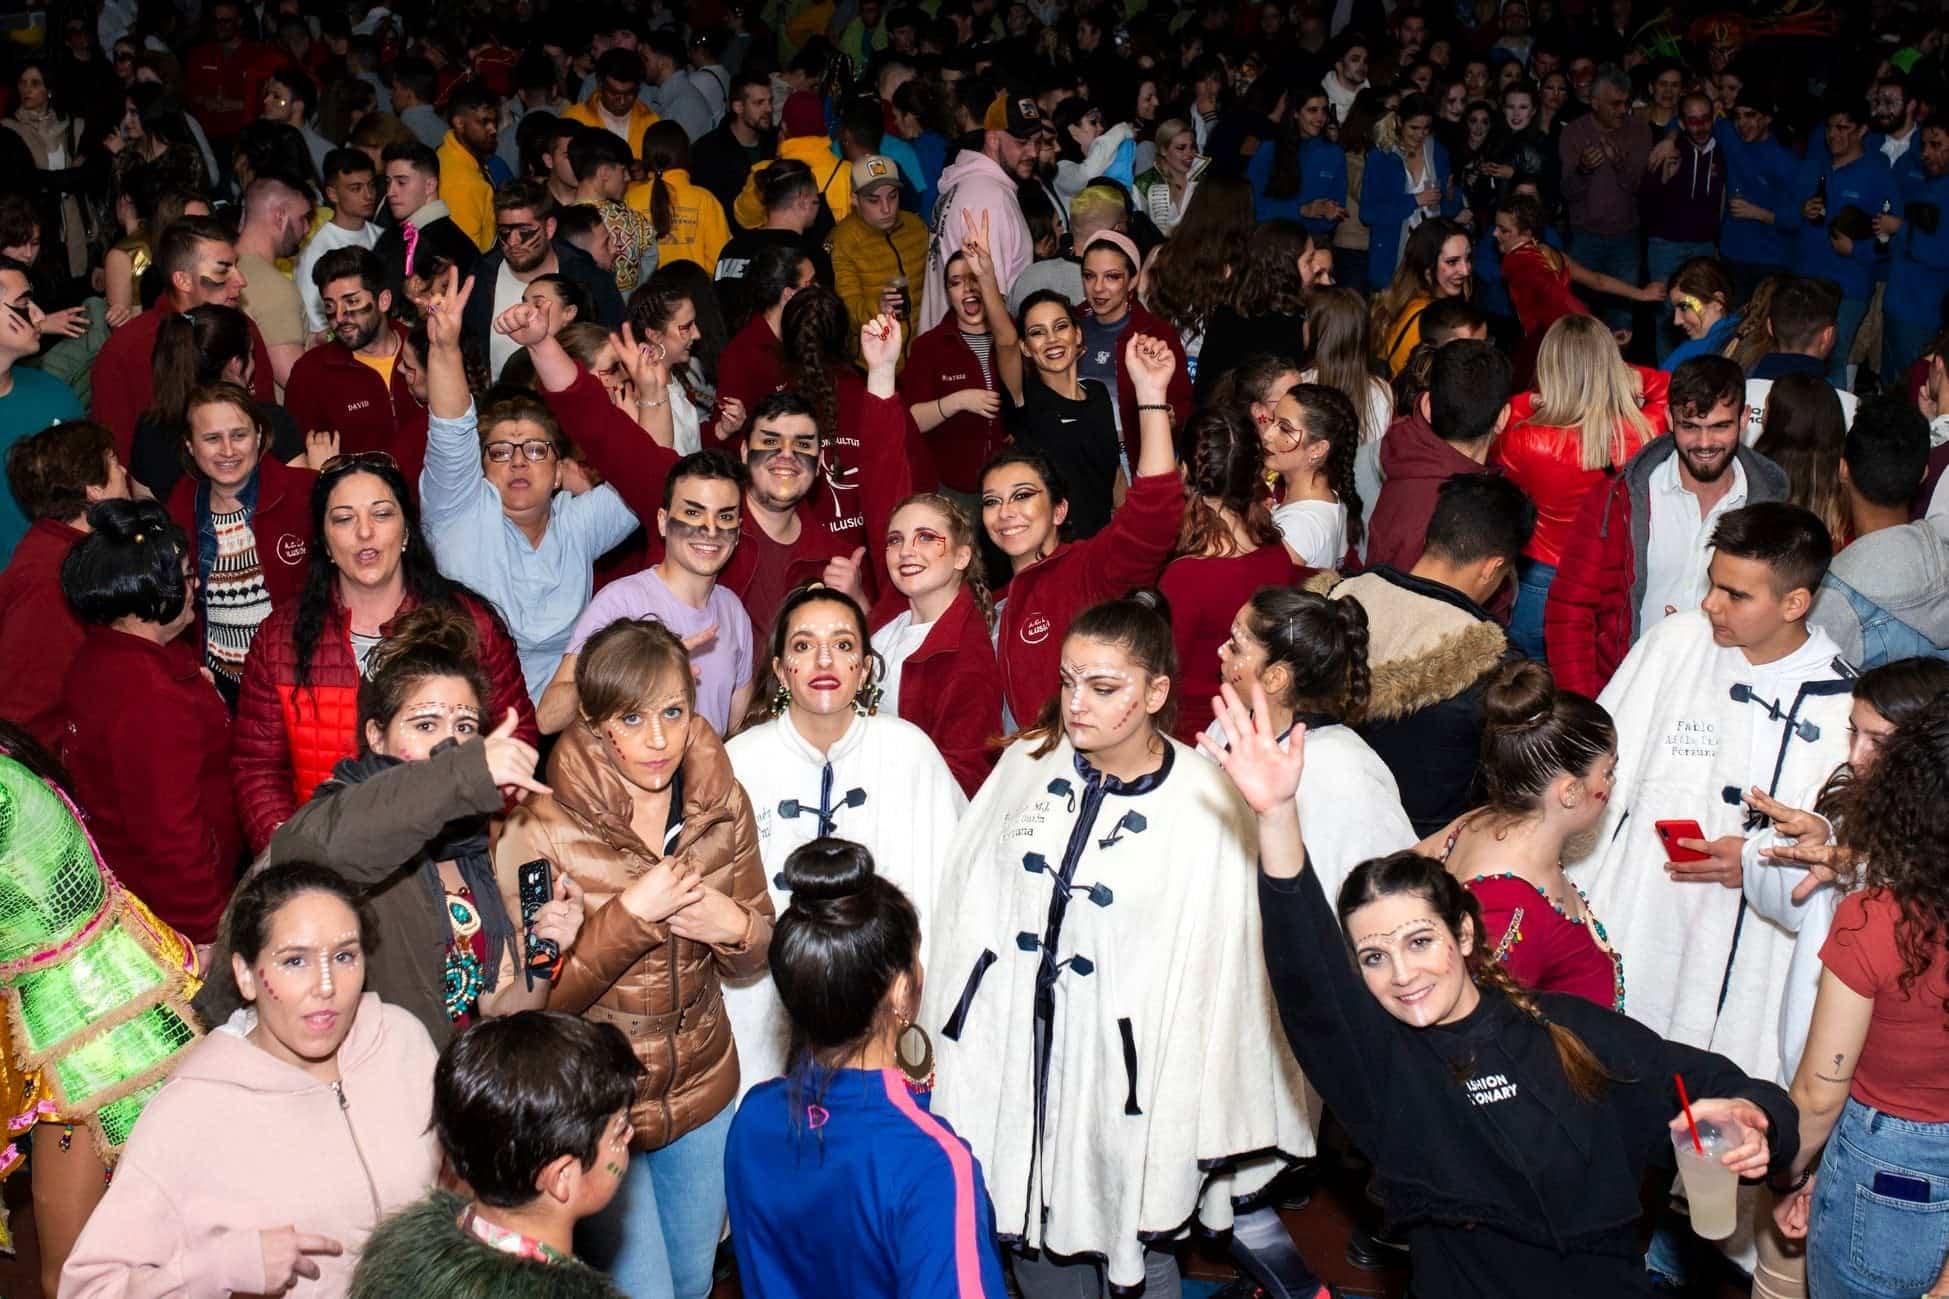 Selección de fotografías del Ofertorio del Carnaval de Herencia 545